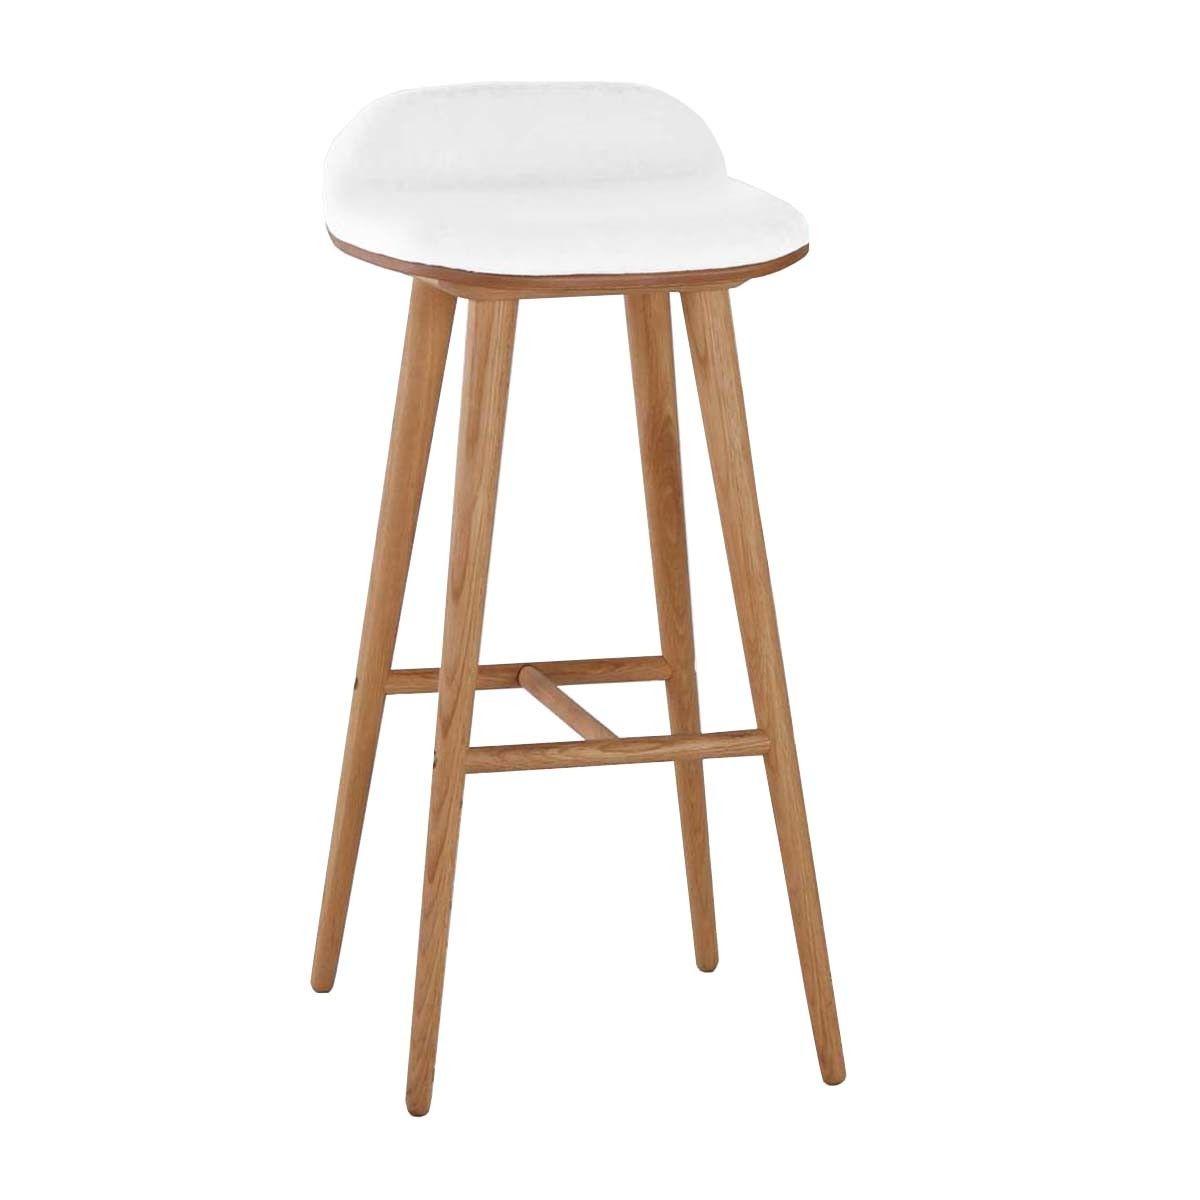 Capa Leather Bar Stool Oak White Bar Stools Kitchen Furniture Bar Stools Oak Bar Stools Wooden Bar Stools